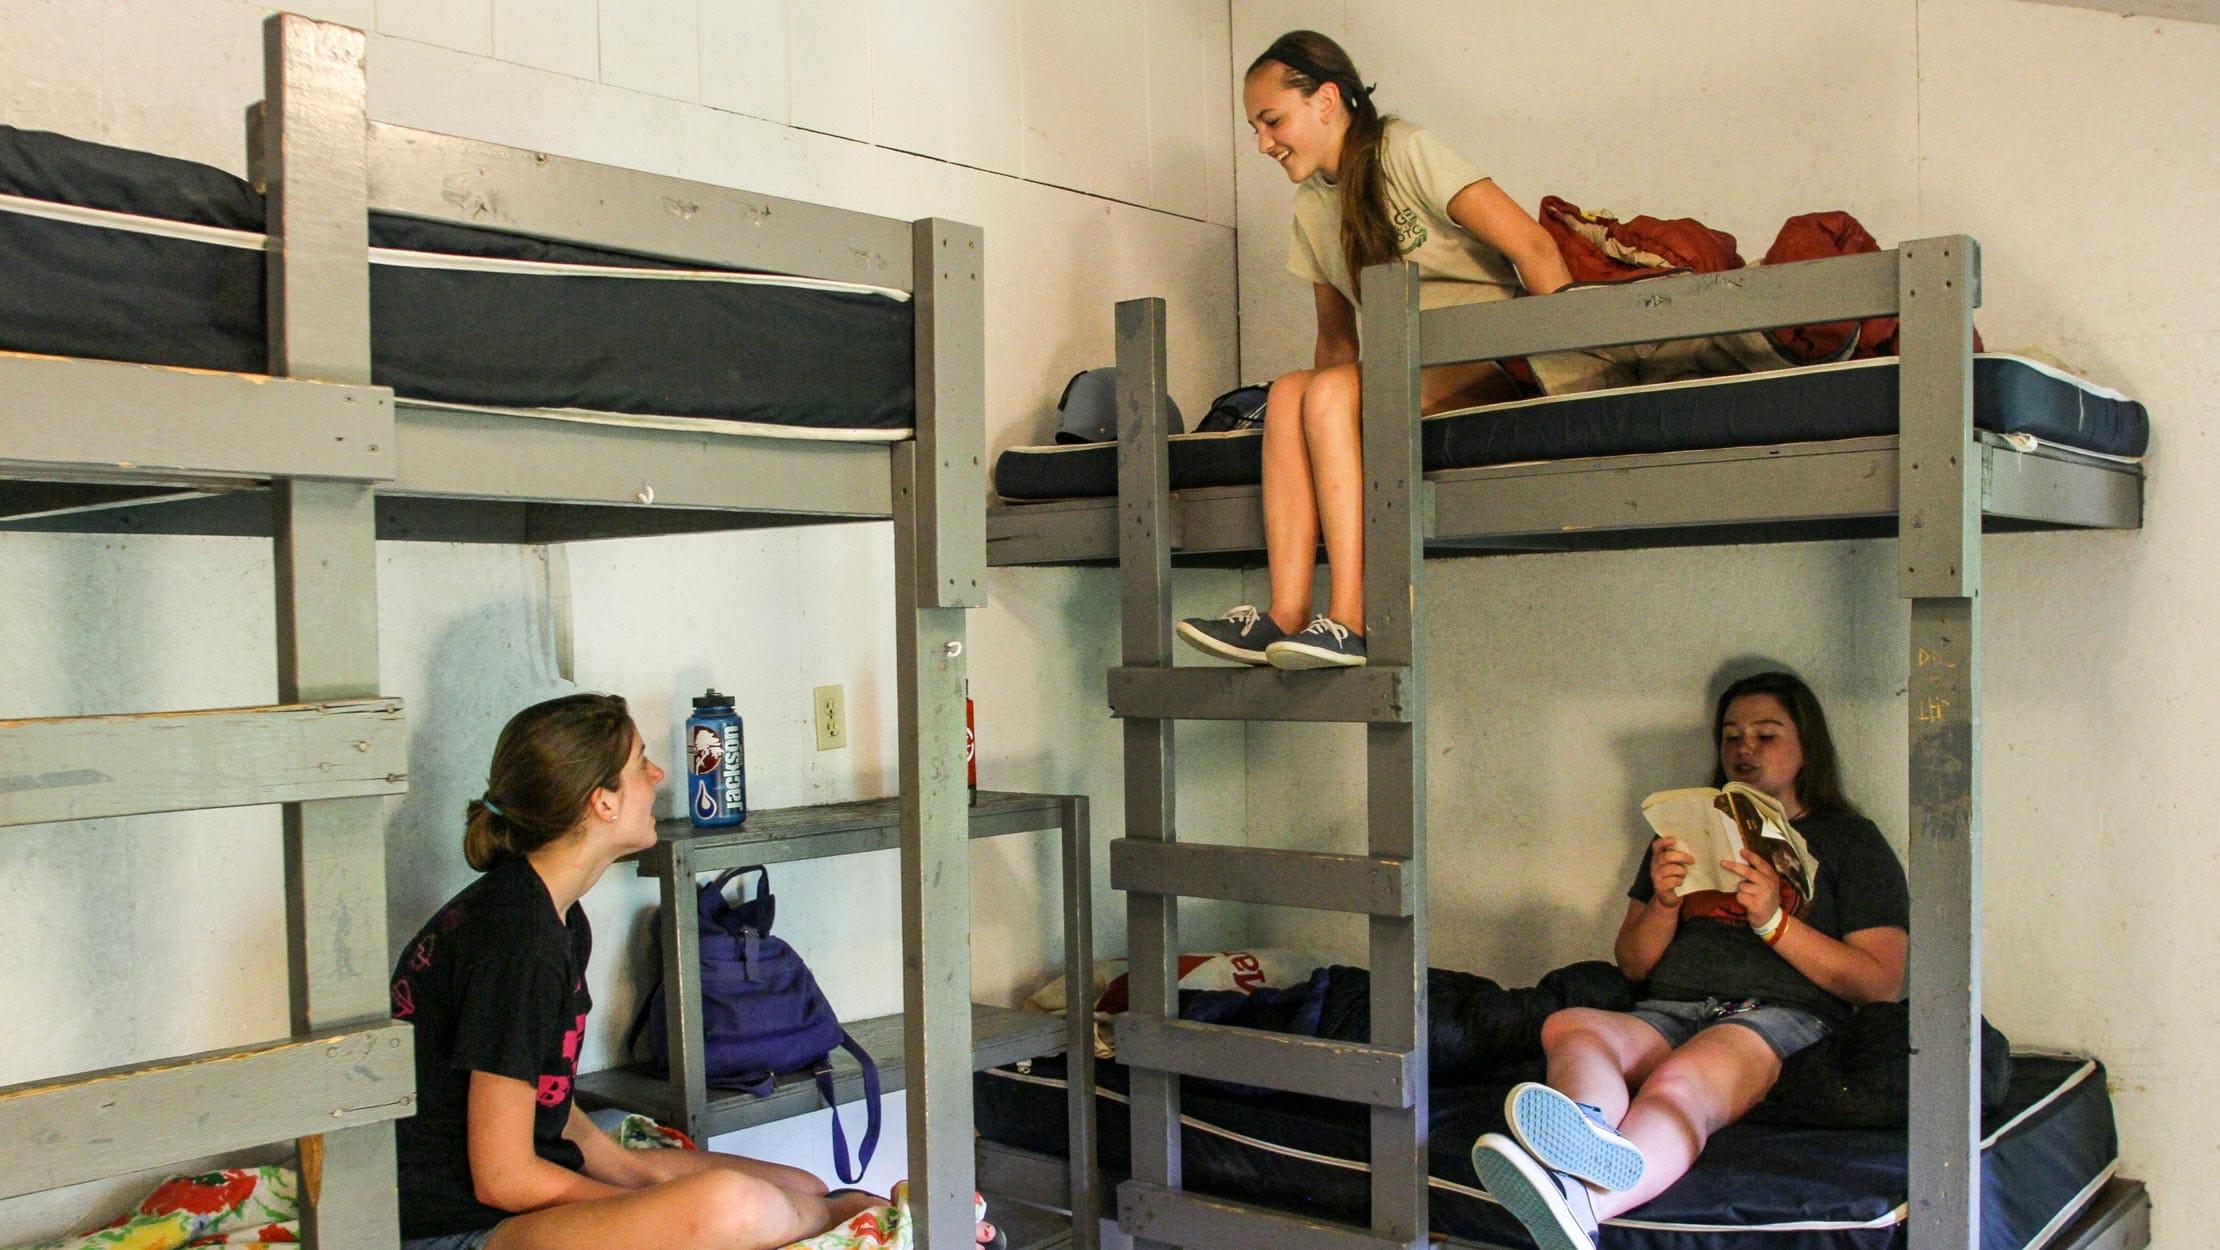 Three girls sitting in bunk beds at kayak camp